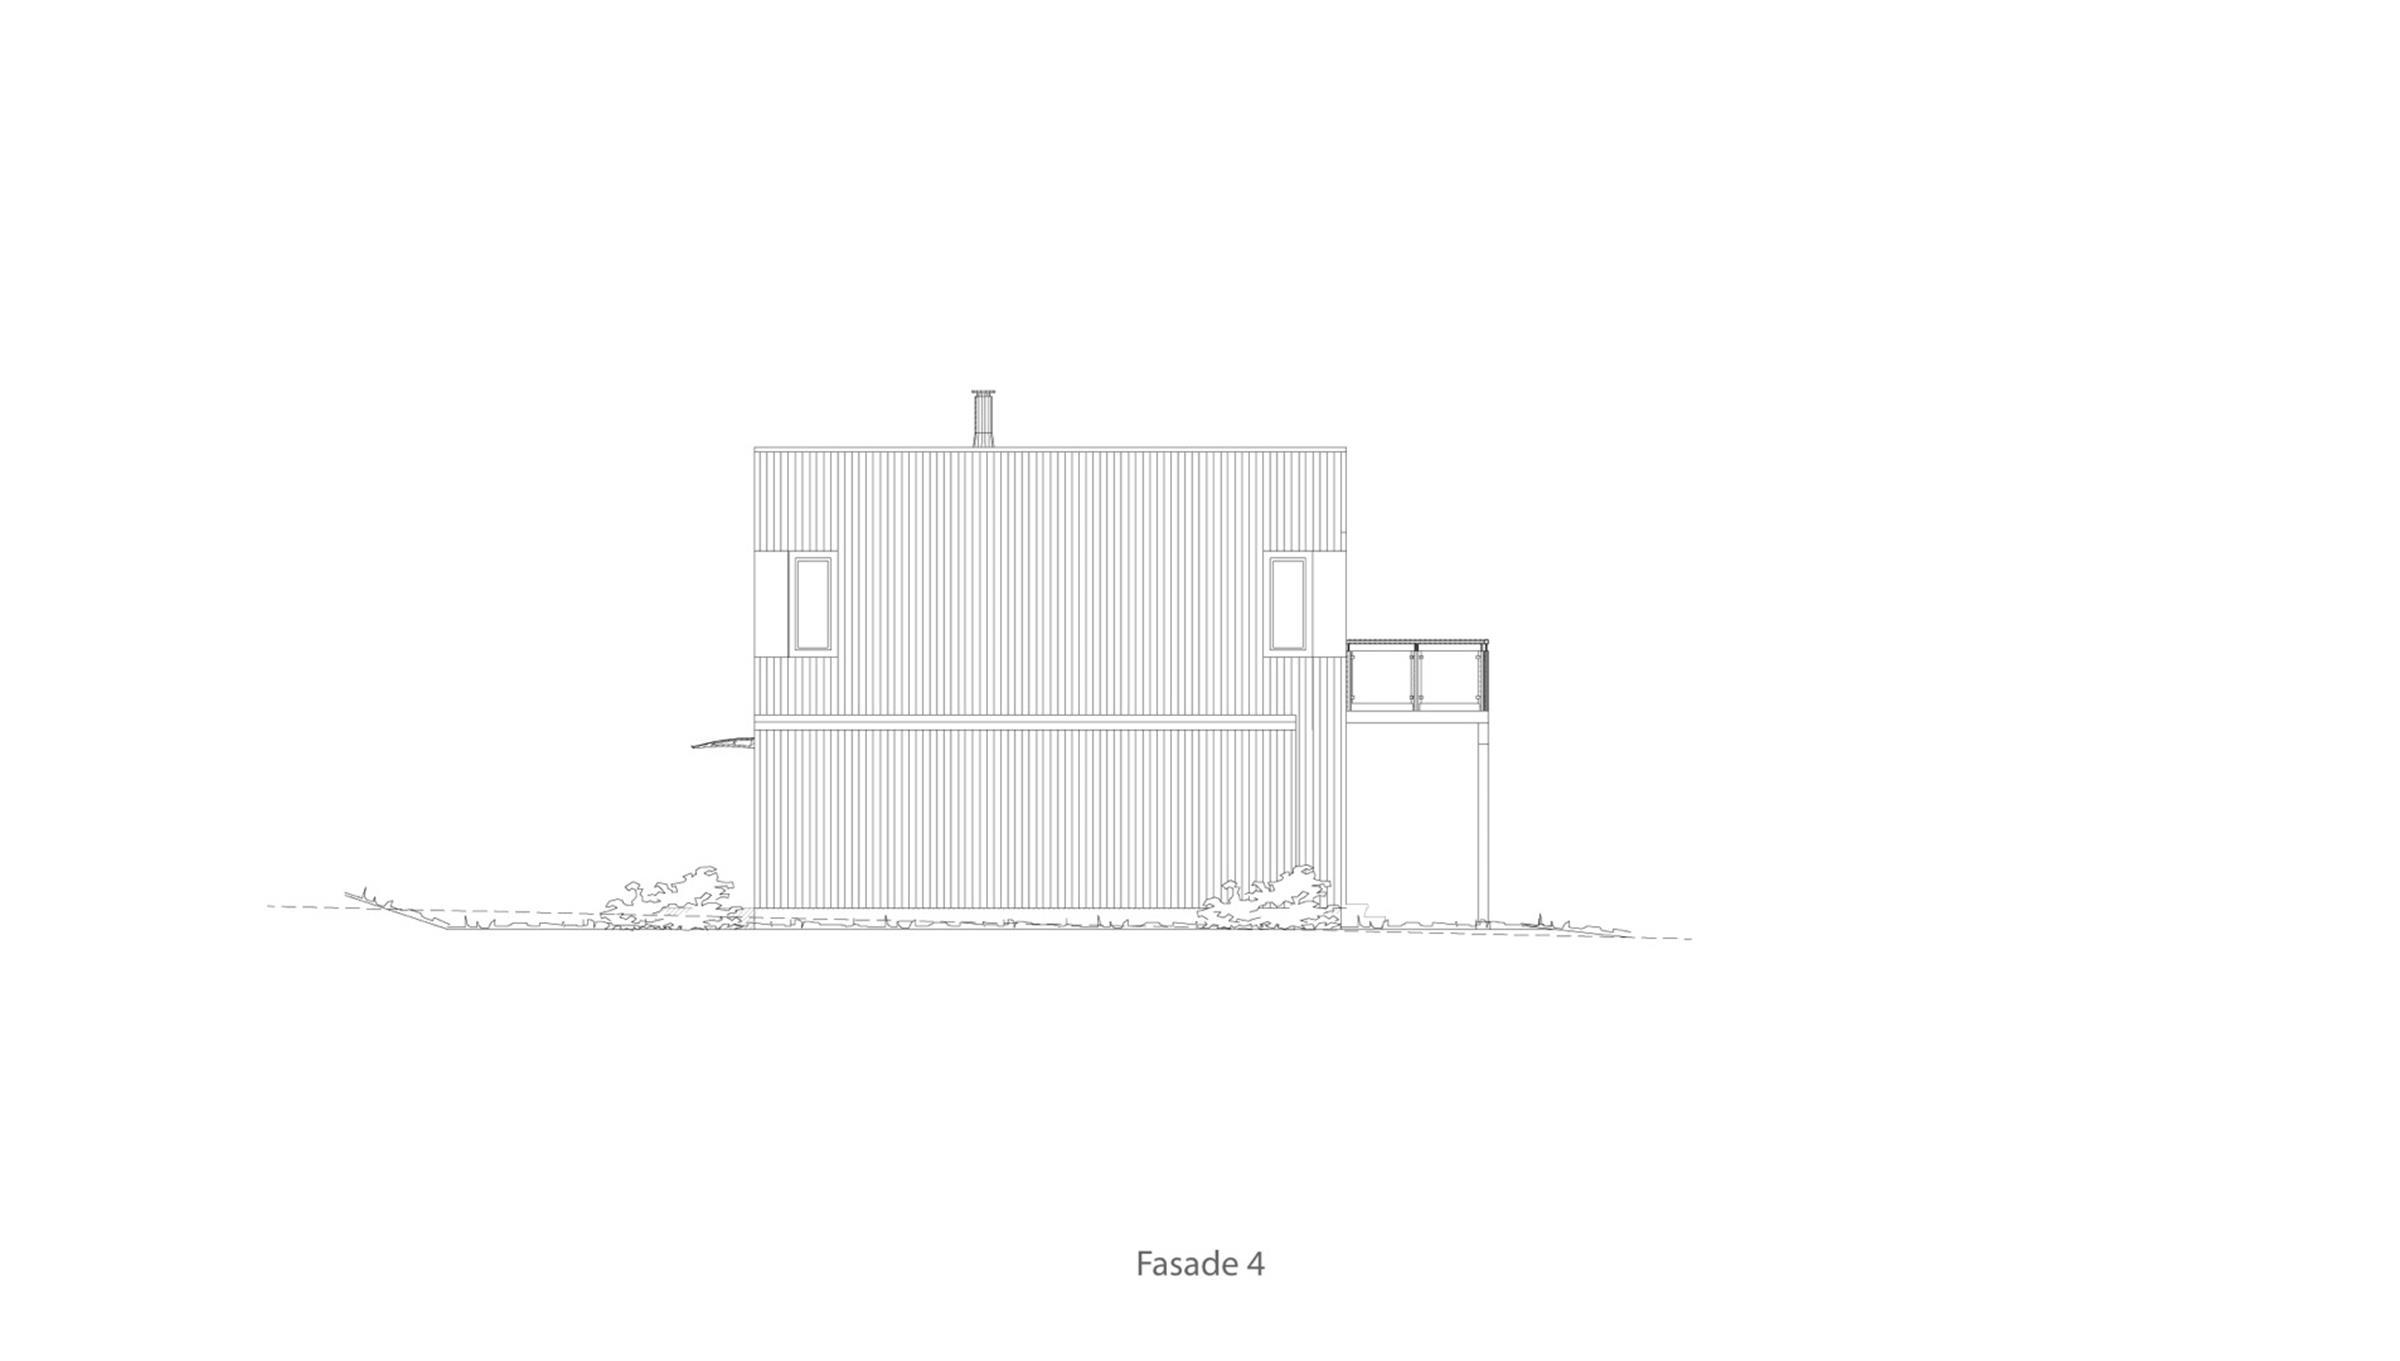 Jessheim fasade 4